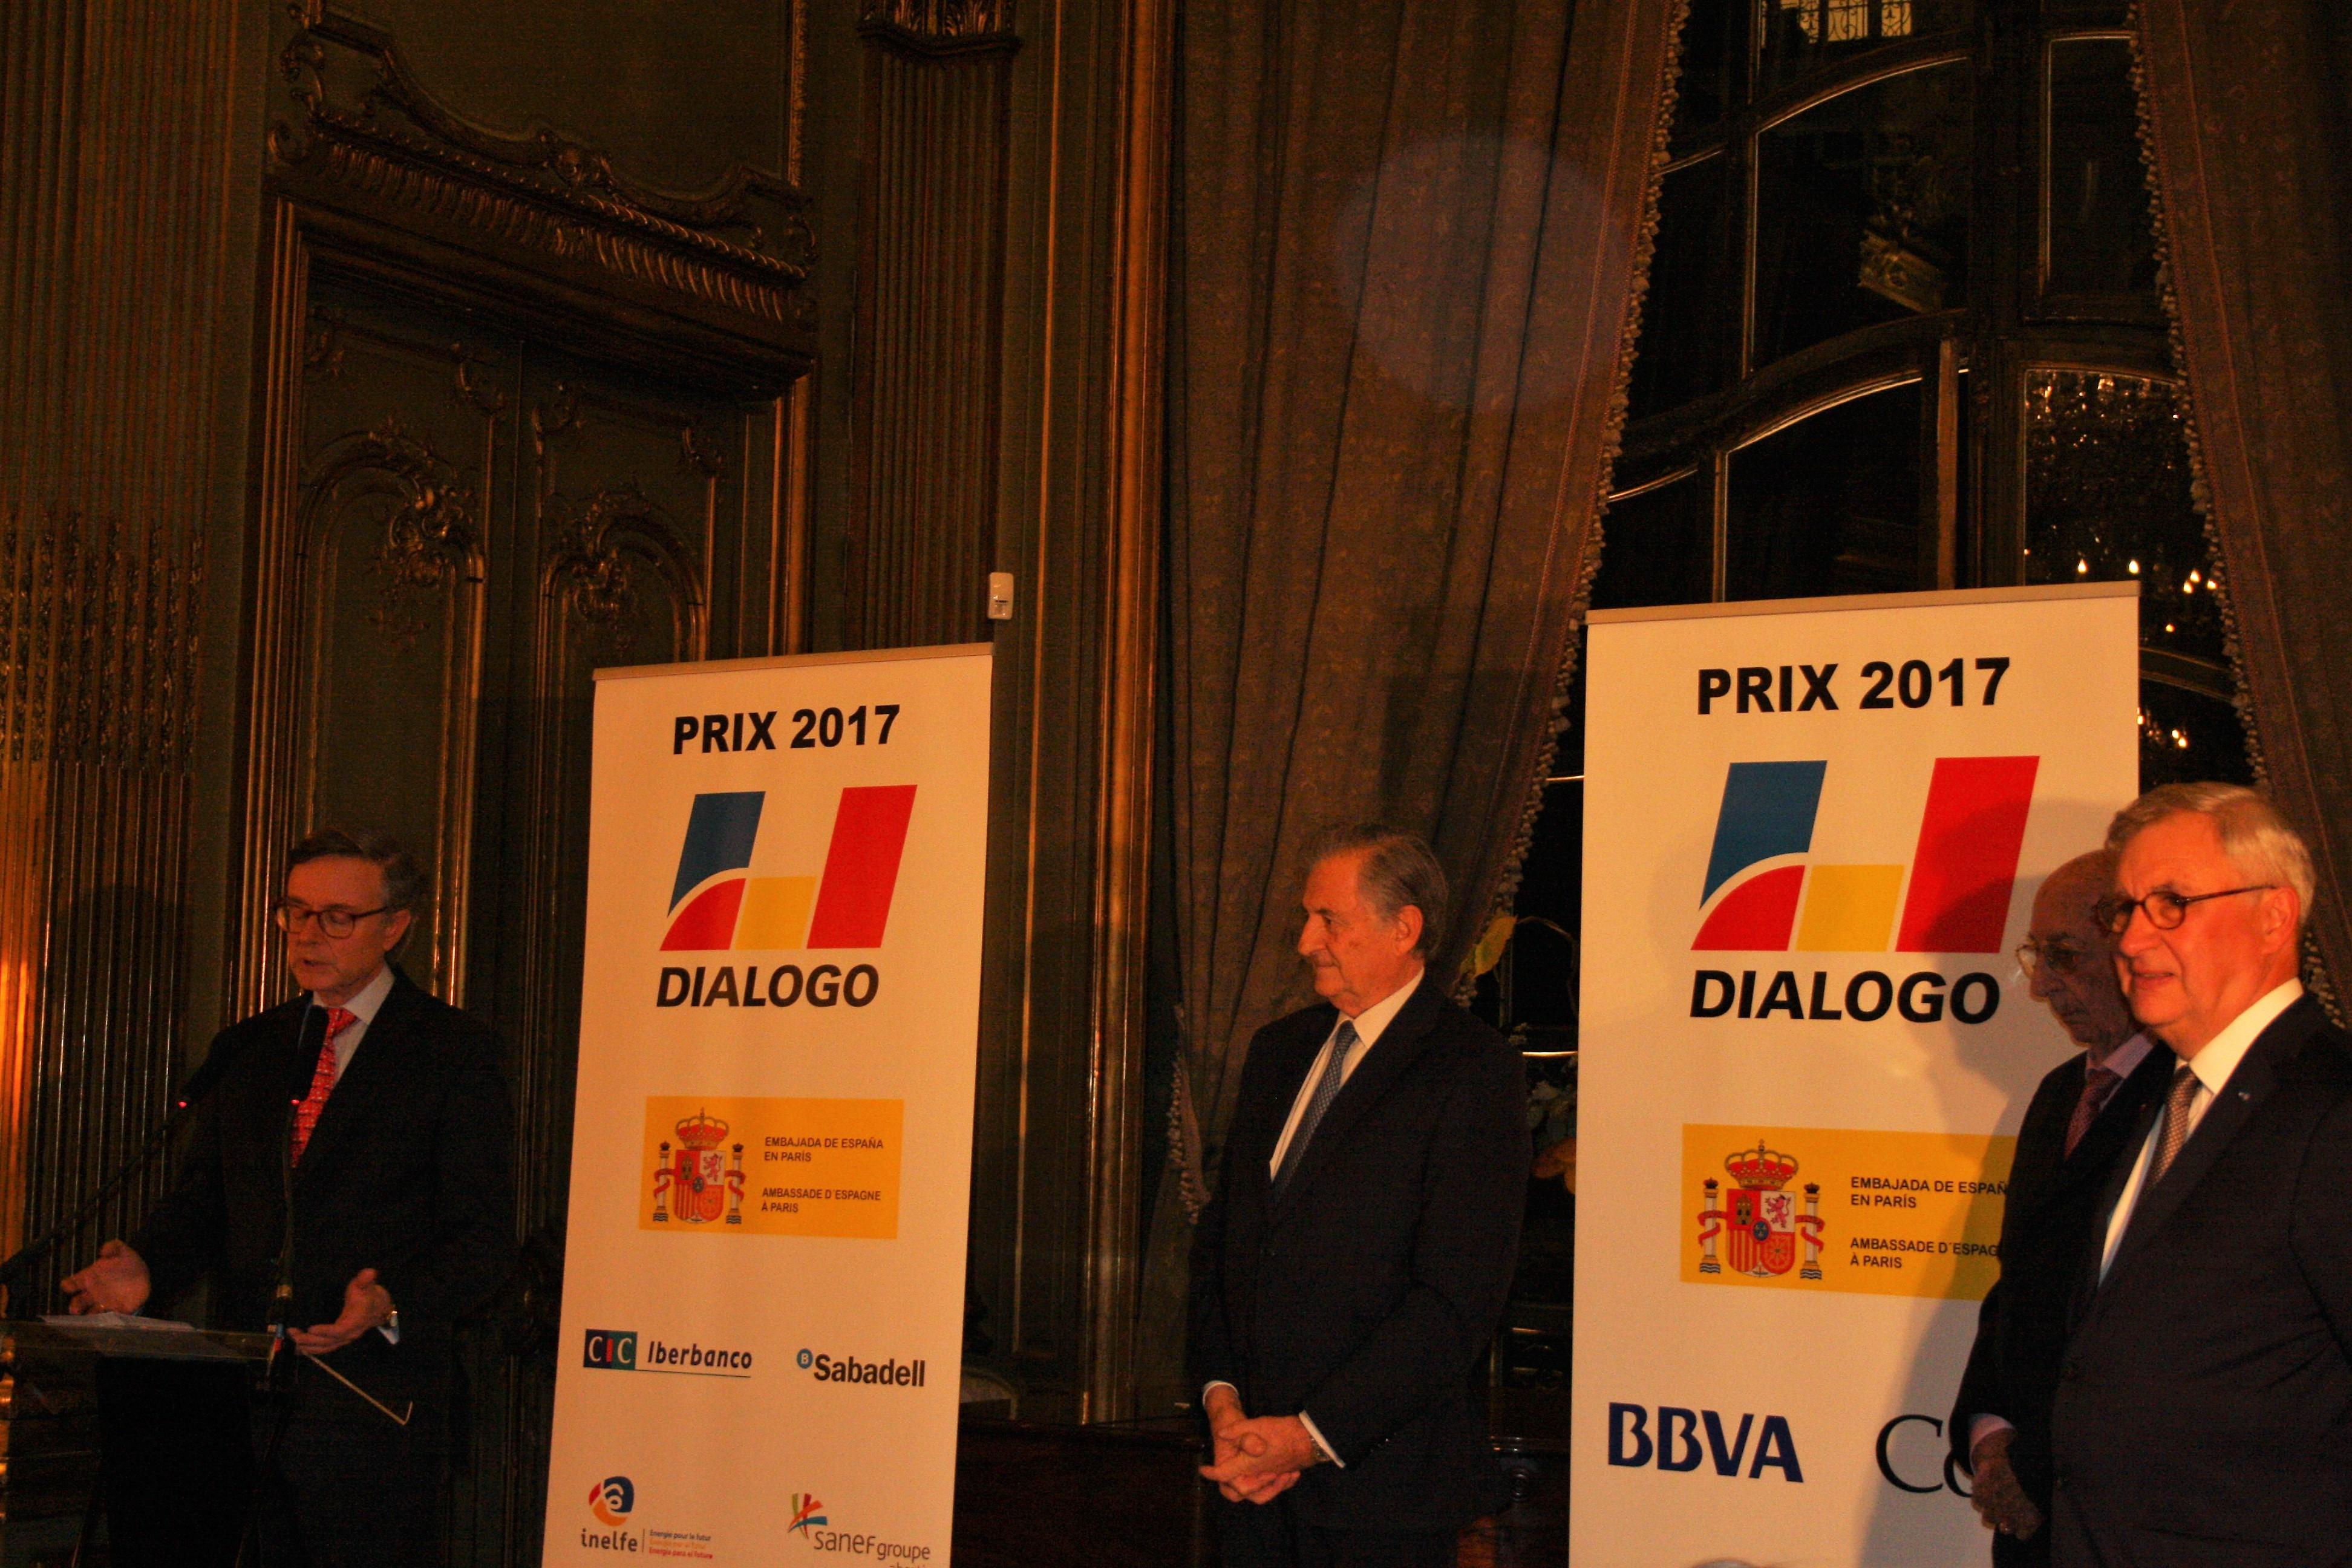 El Embajador espa±ol Fernando Carderera y la Asociaci³n Diálogo Francia entregan el Premio Diálogo Francia 2017 otorgado al Instituto de Estudios Hispánicos